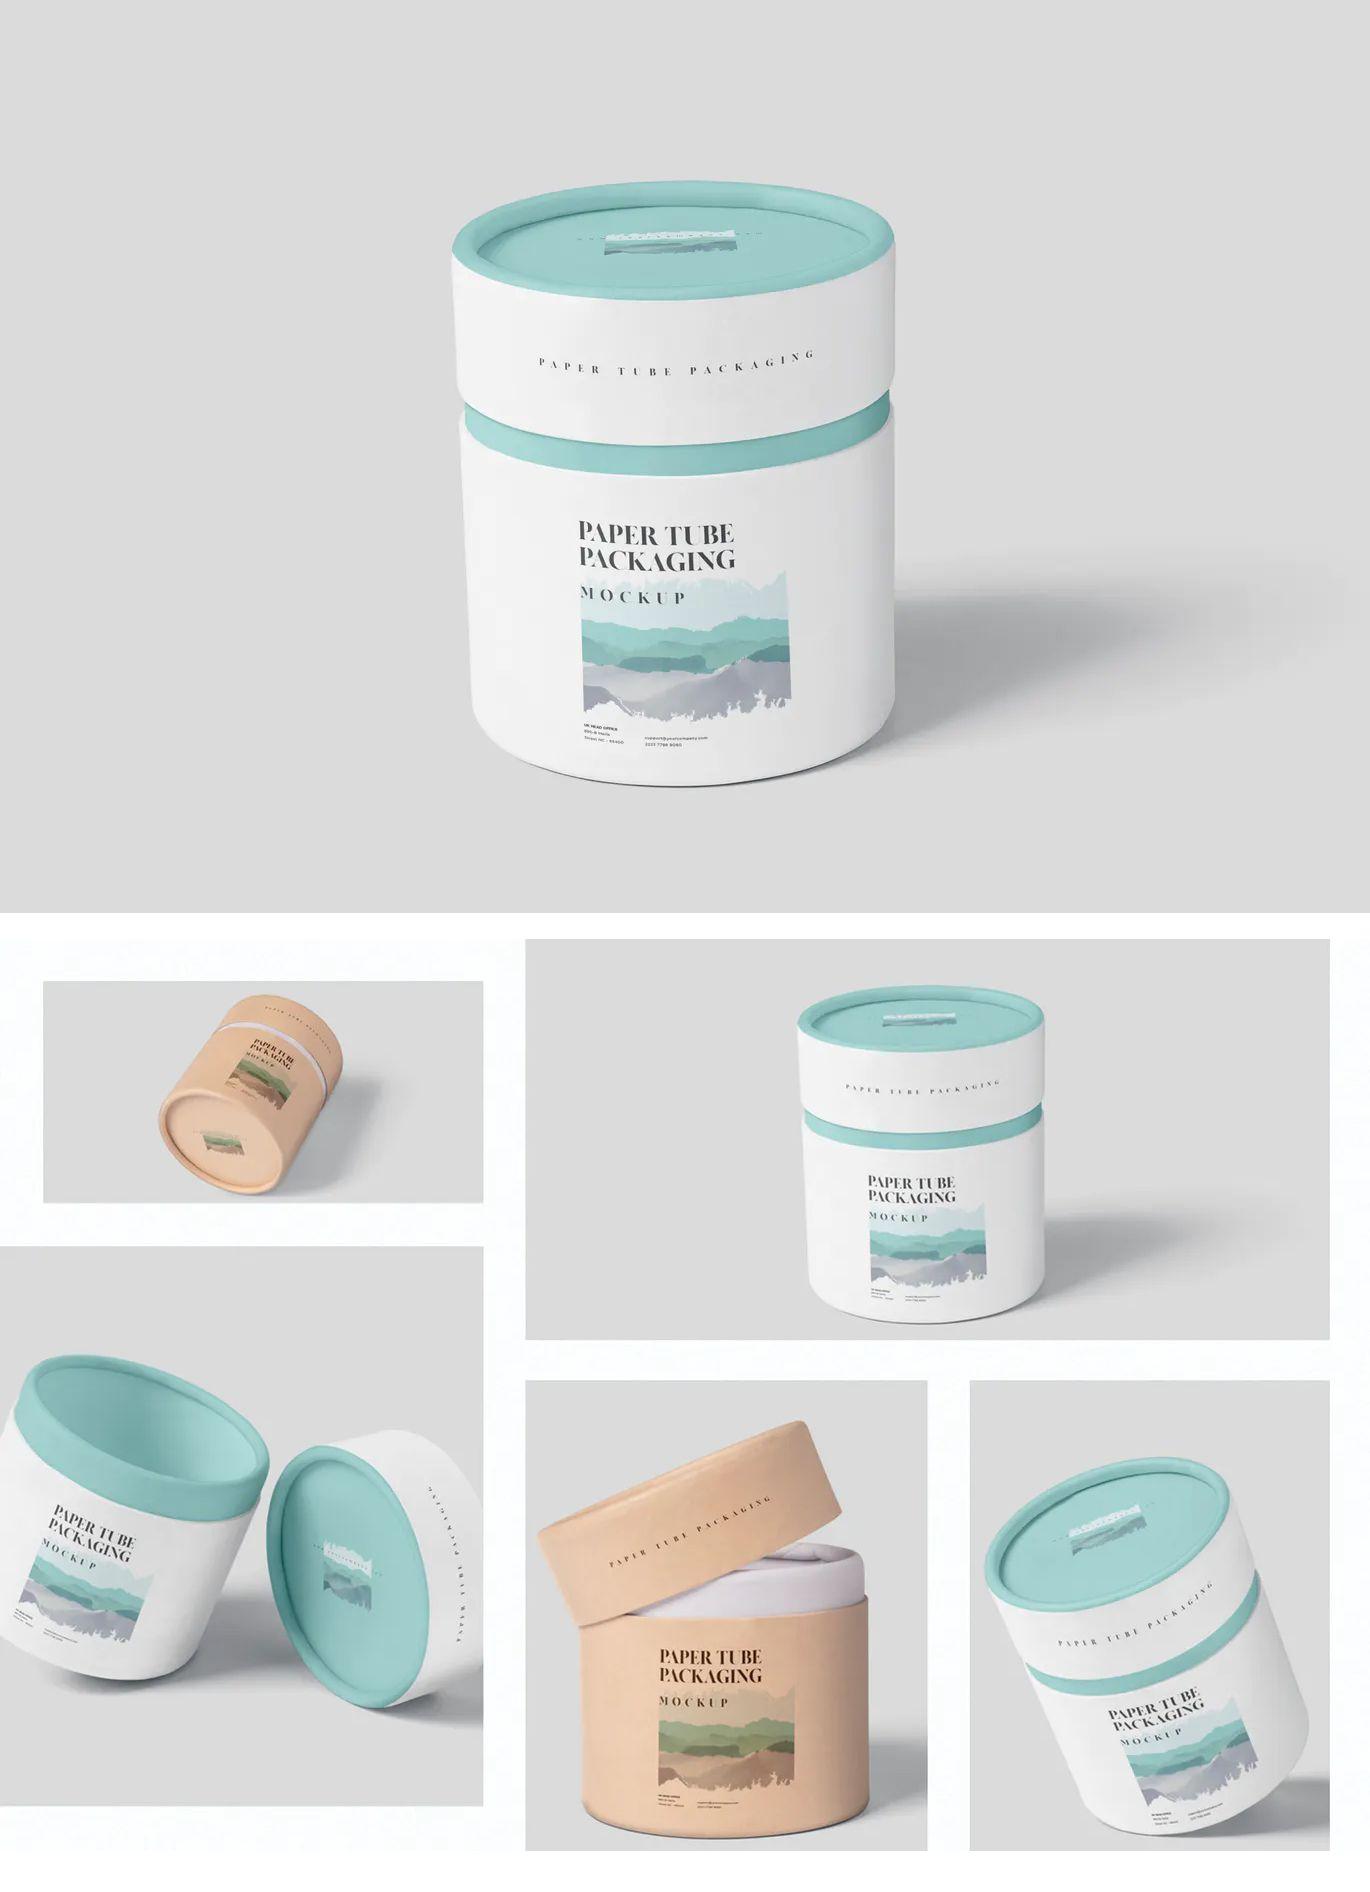 Download Paper Tube Packaging Mock Up Set Small Packaging Template Packaging Mockup